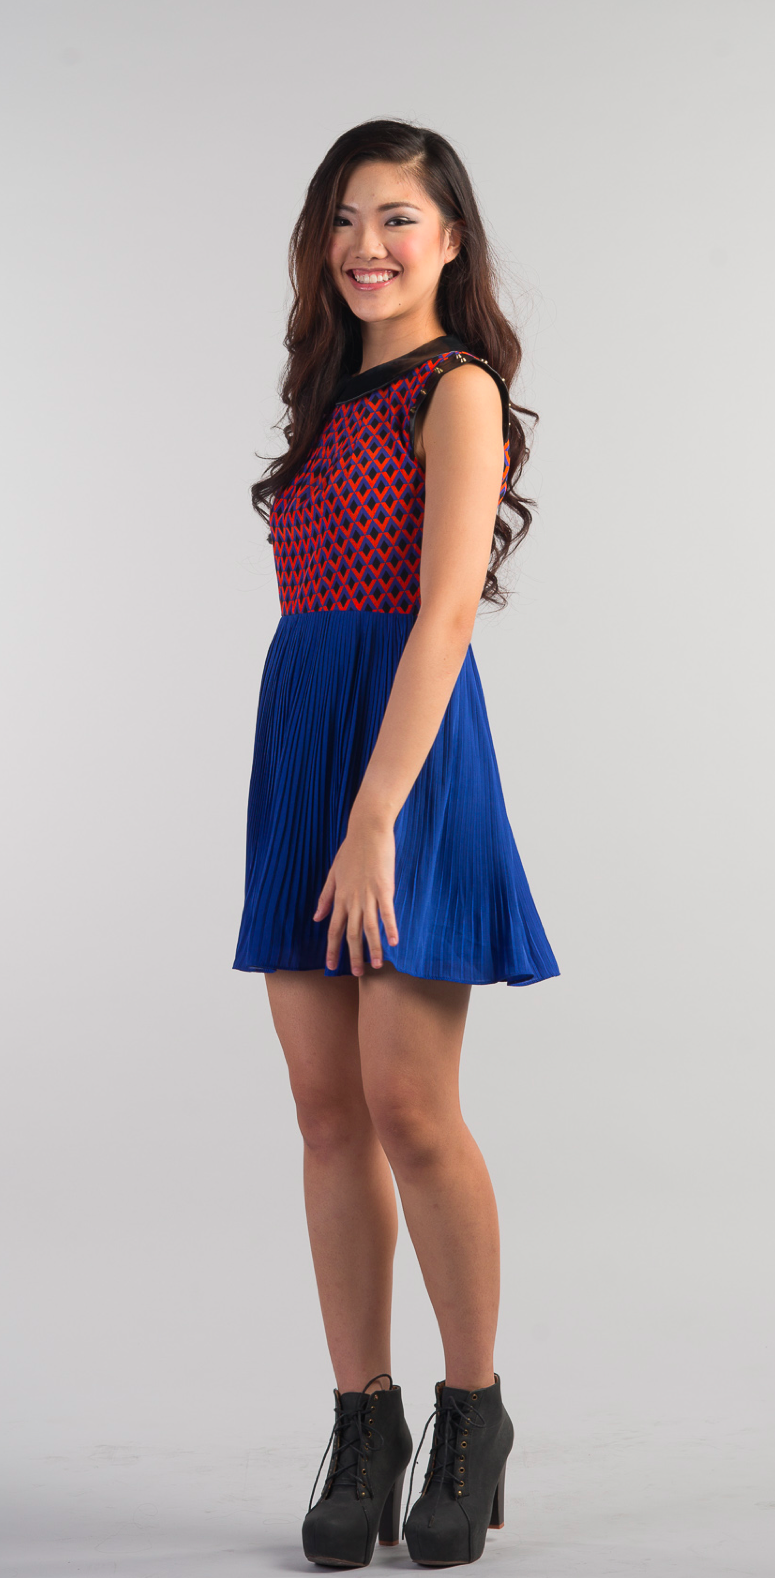 Charlene from DA Models